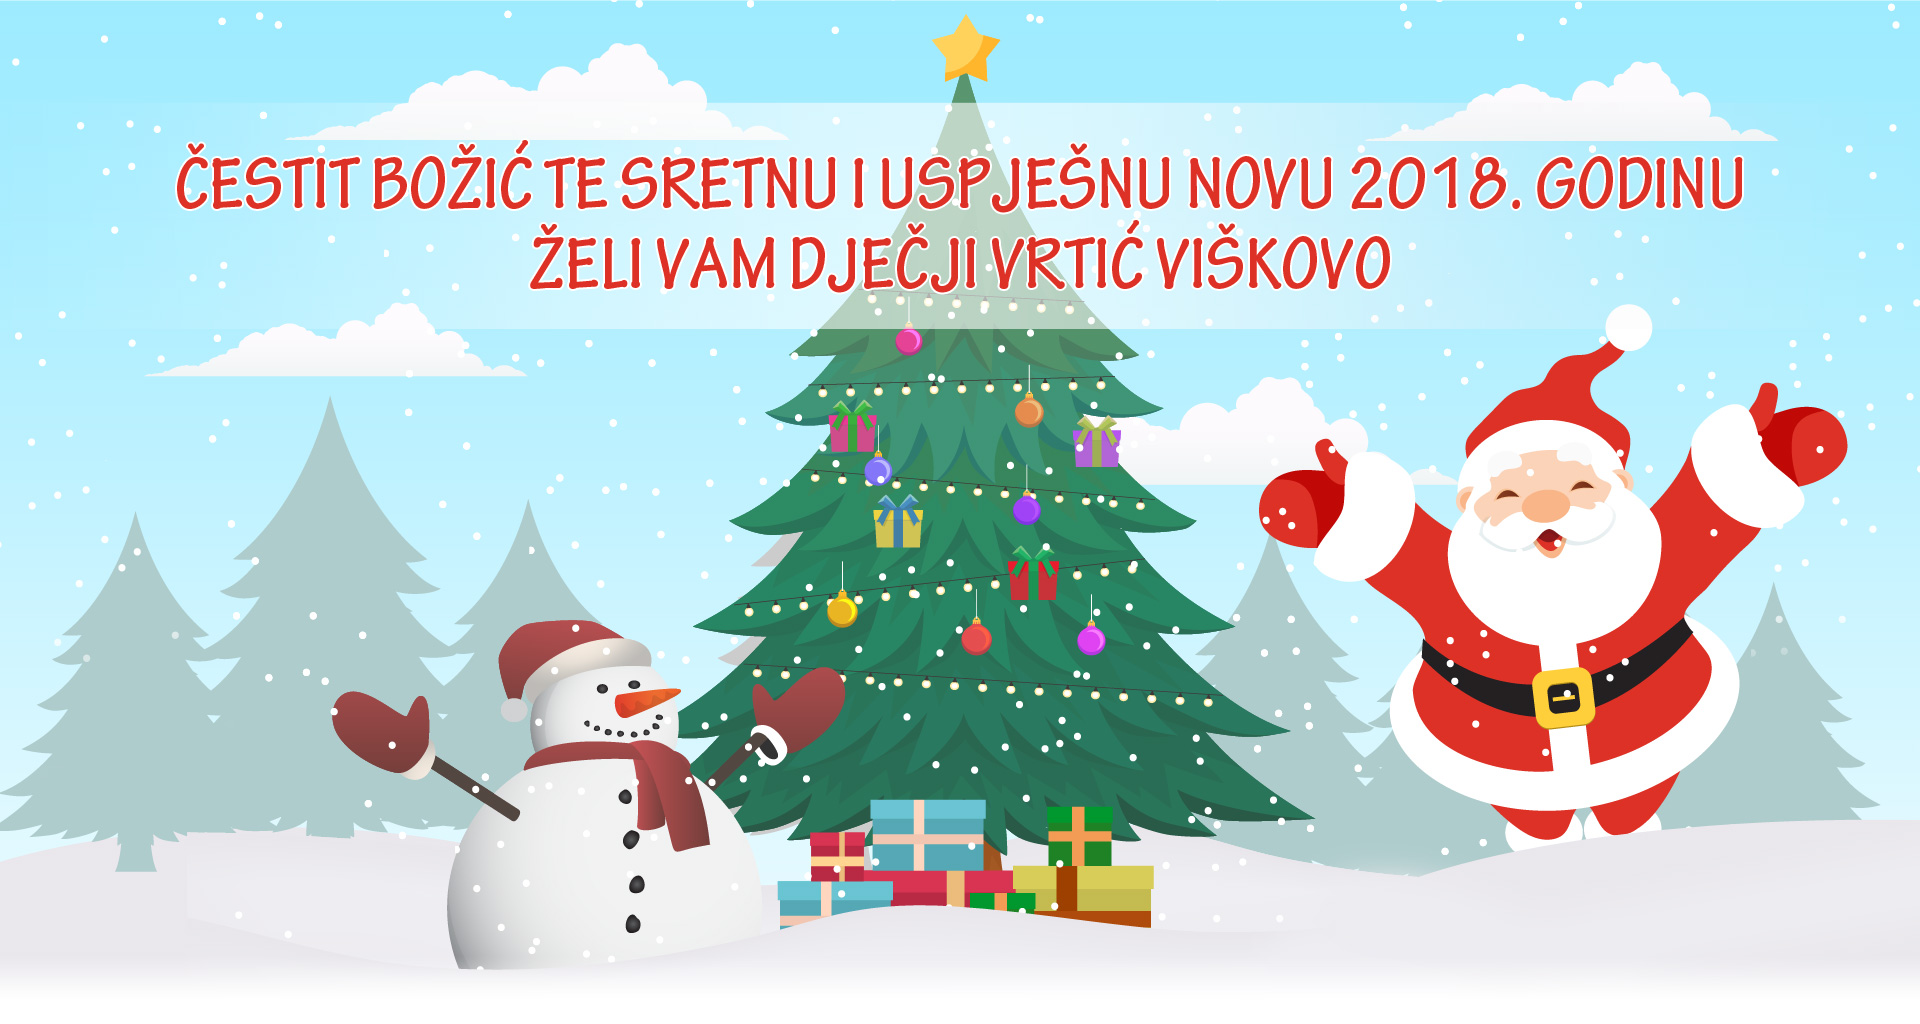 Sretan Božić te sretnu i uspješnu novu 2018. godinu želi Vam Dječji vrtić Viškovo